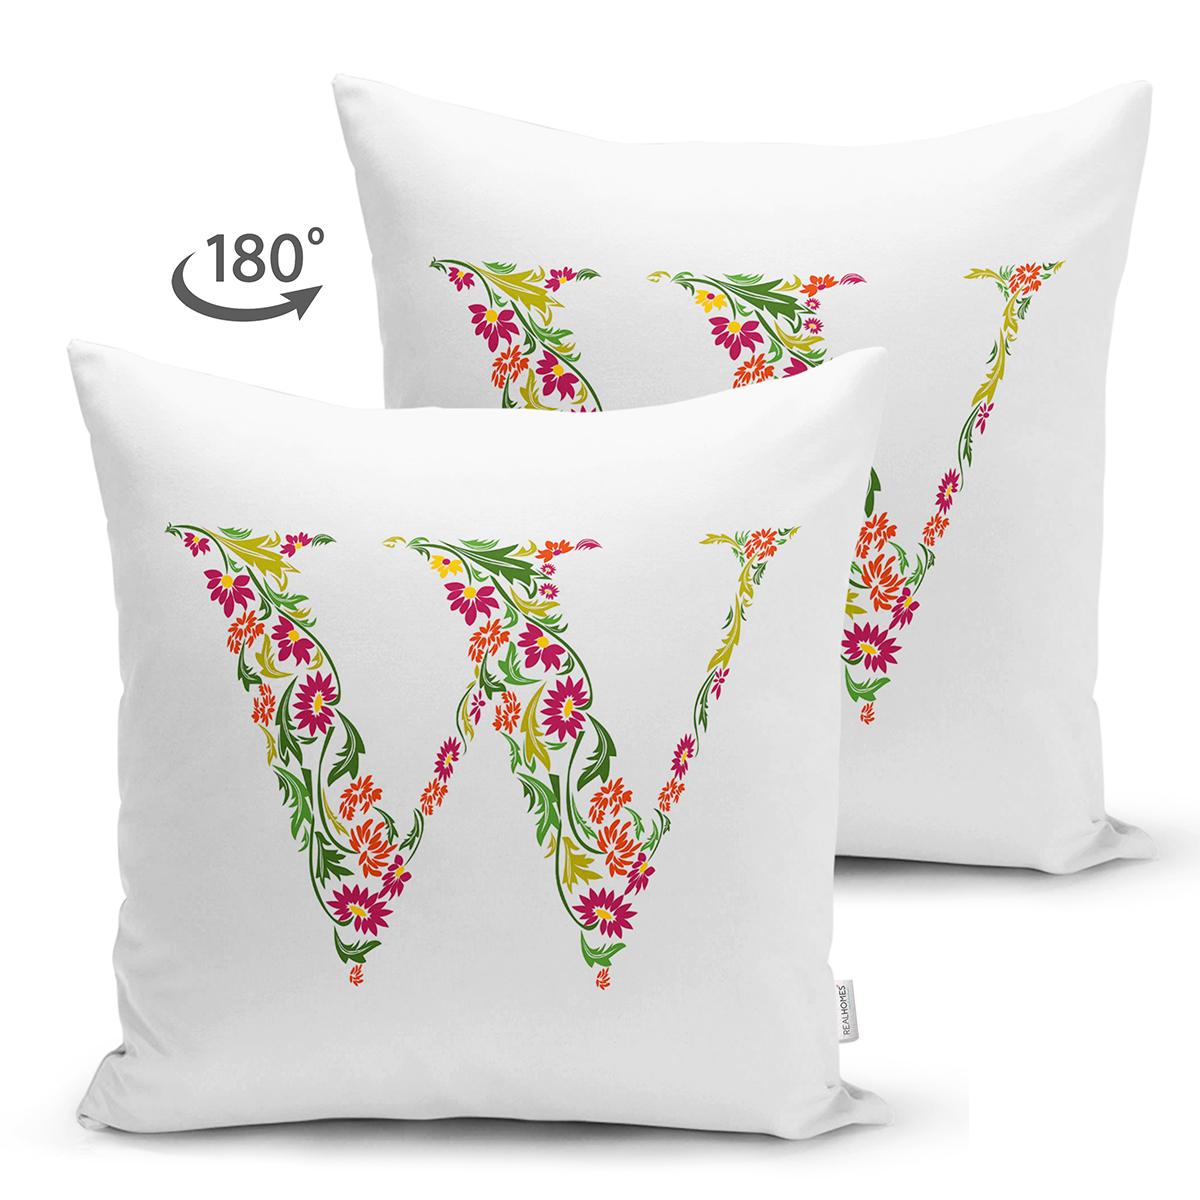 Beyaz Zemin Yaprak Temalı W Harfi Özel Tasarım Modern Suet Yastık Kırlent Kılıfı Realhomes